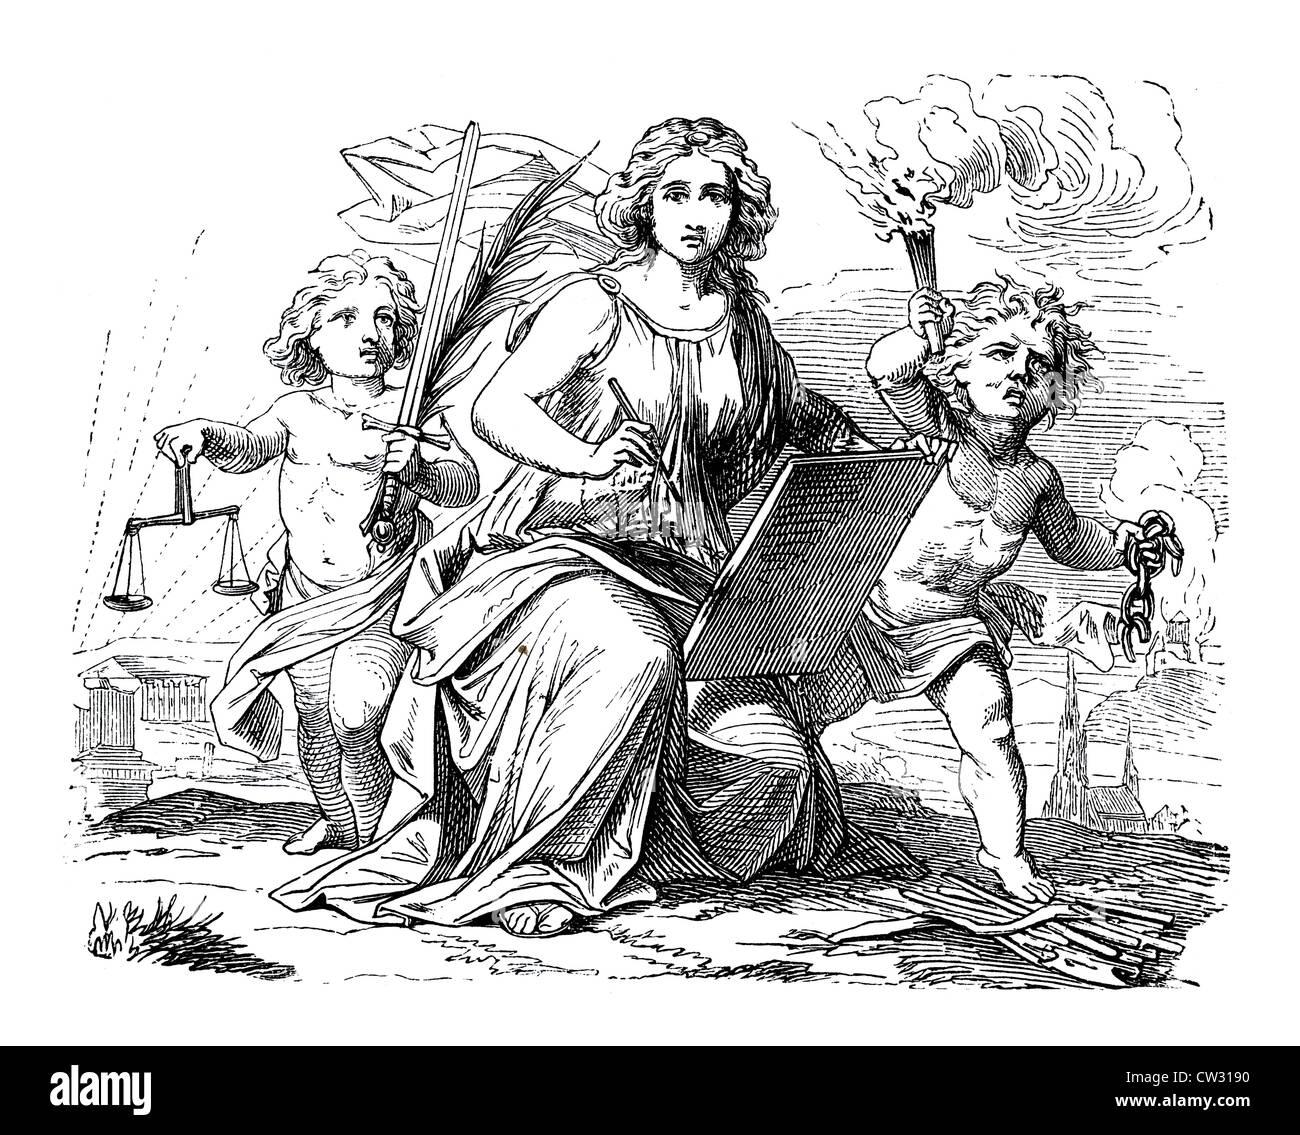 The writer of historical mythology 2 - Stock Image